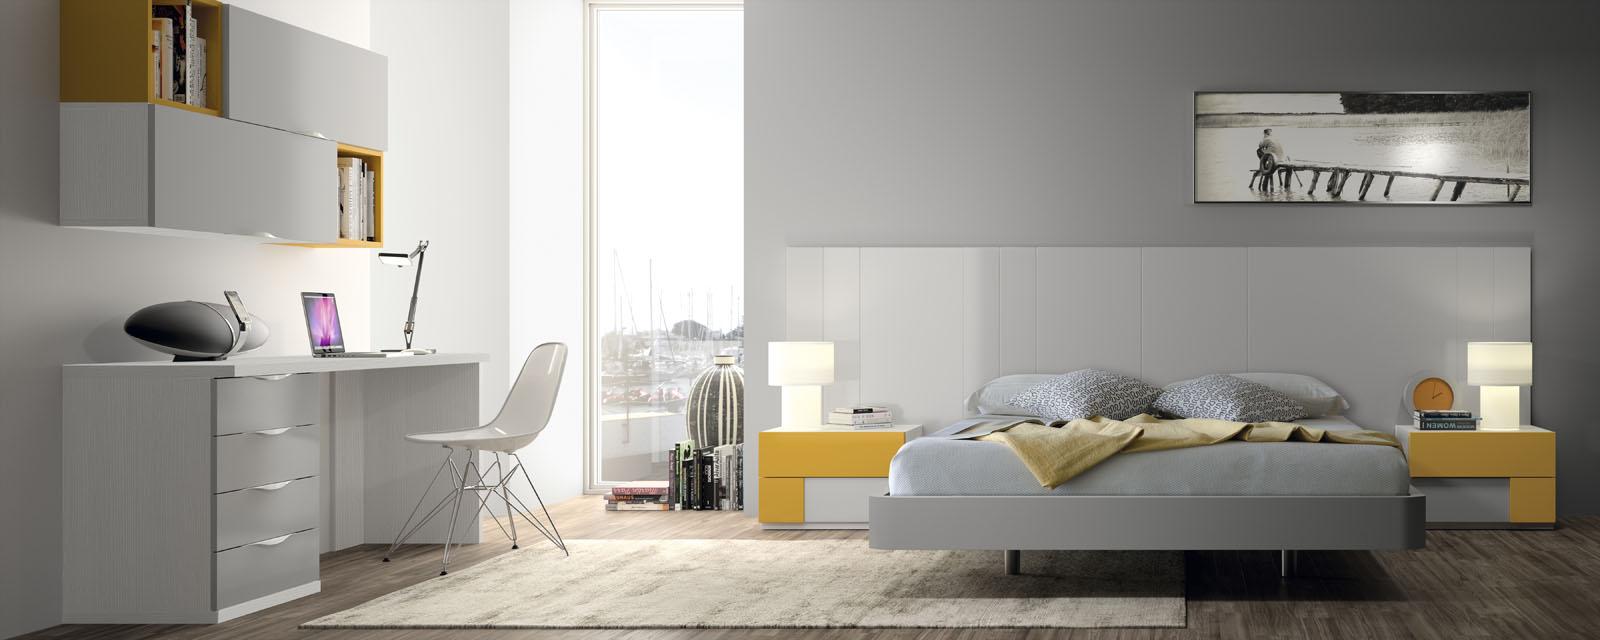 Eos Concept de Glicerio Chaves. EL imprescindible en la tienda de muebles.